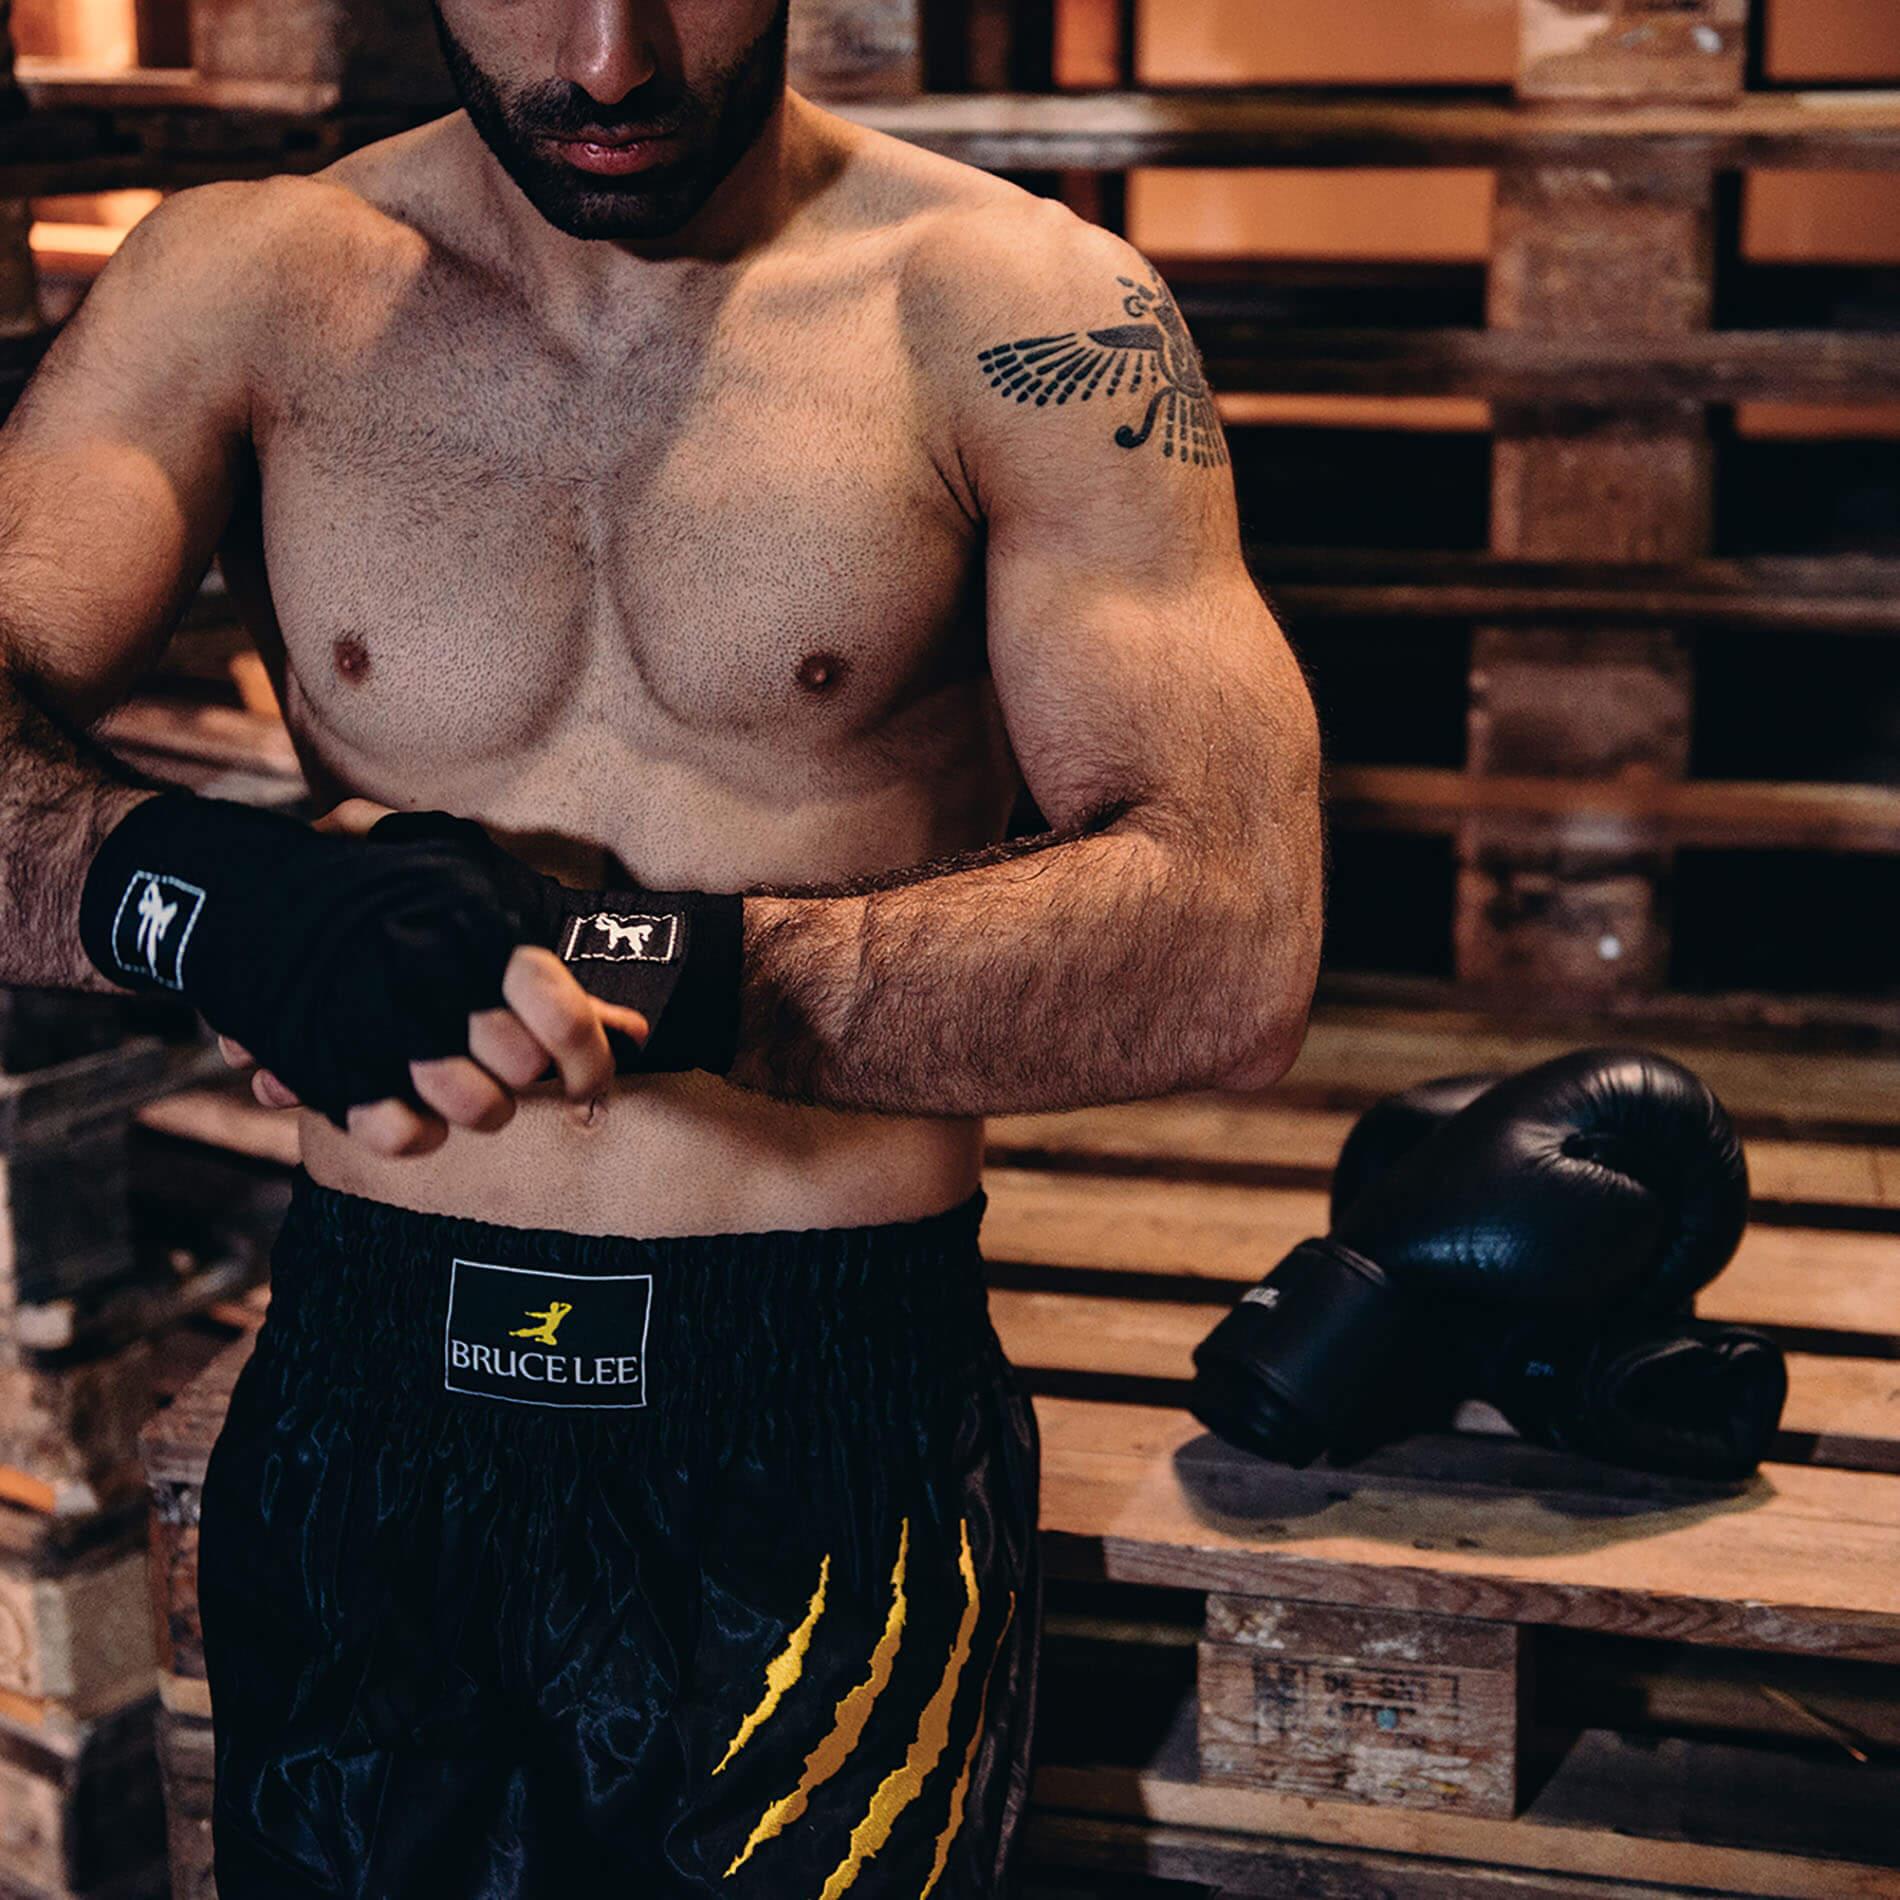 Boxing Wraps 250 cm, Pair (Multiple colors) - Black